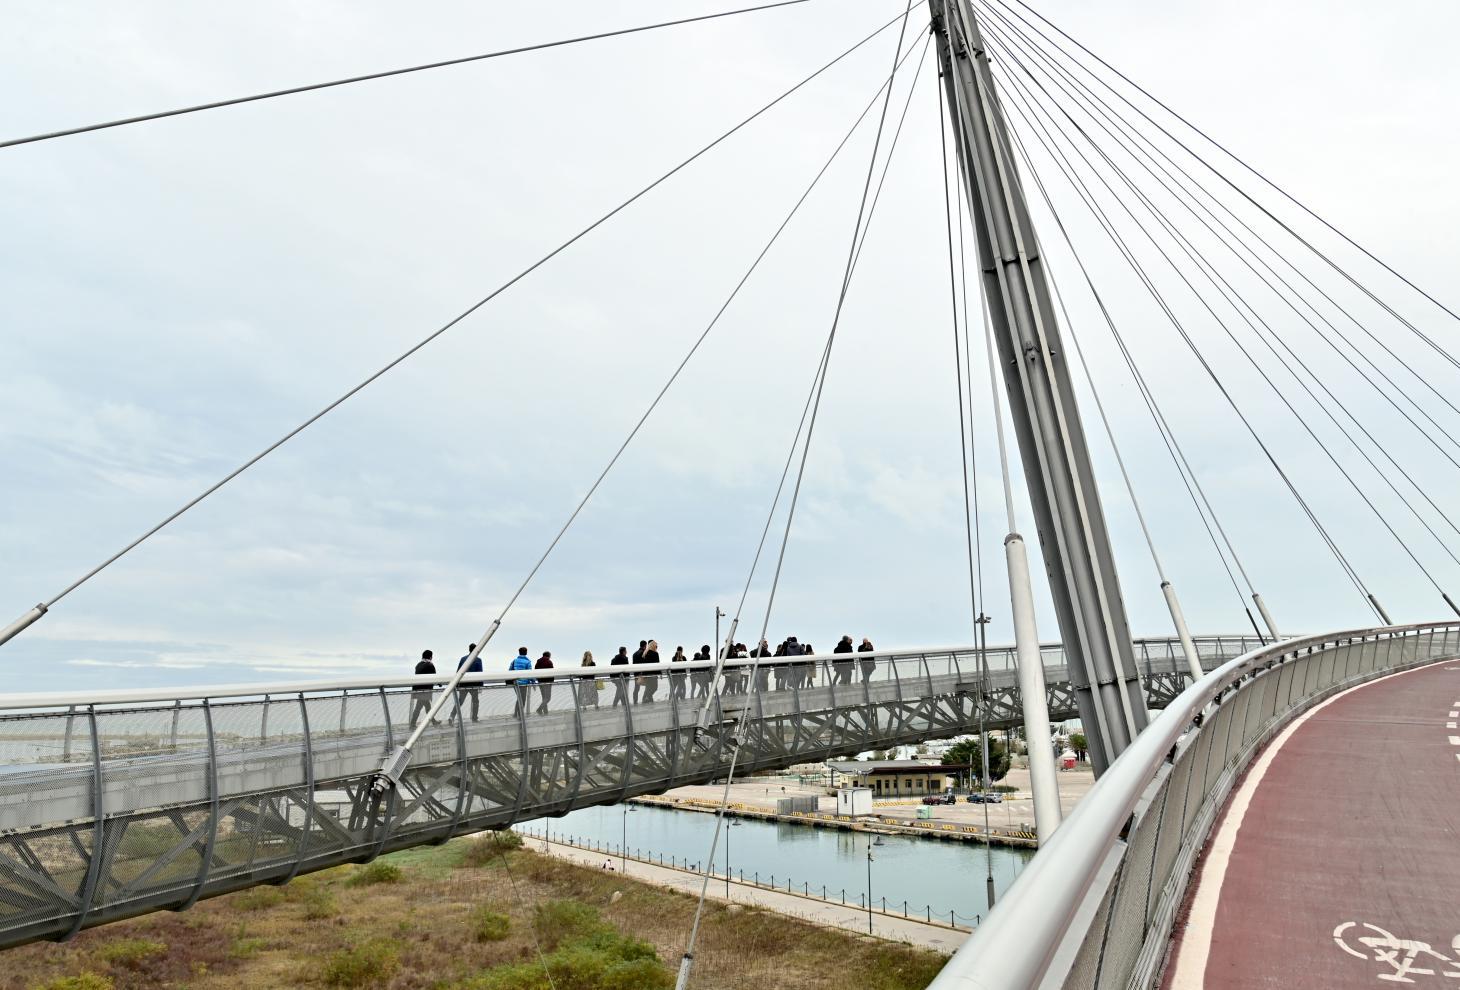 Nella foto la delegazione italo-croata in visita sul ponte sul mare a Pescara